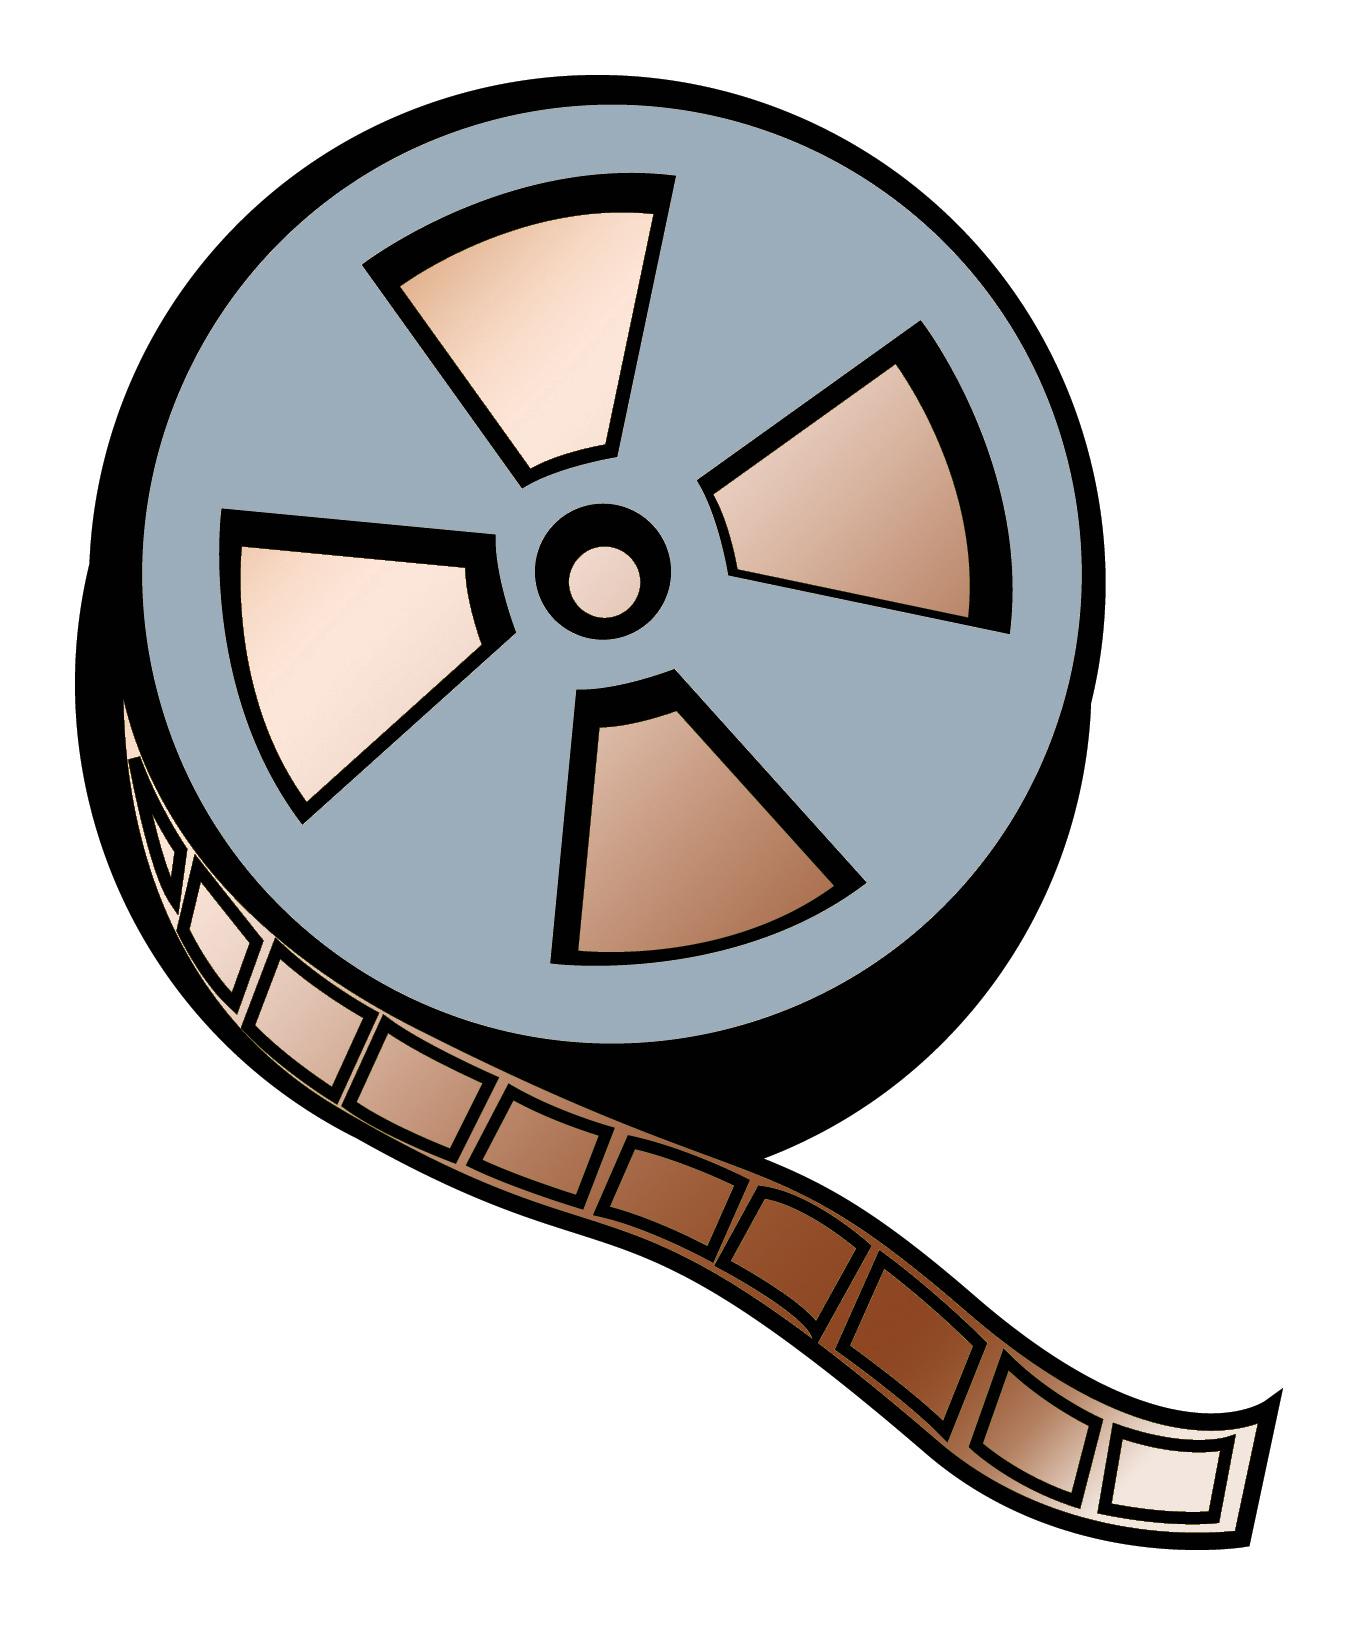 movie film clip art cliparts co free clipart movie reel movie reel clip art border